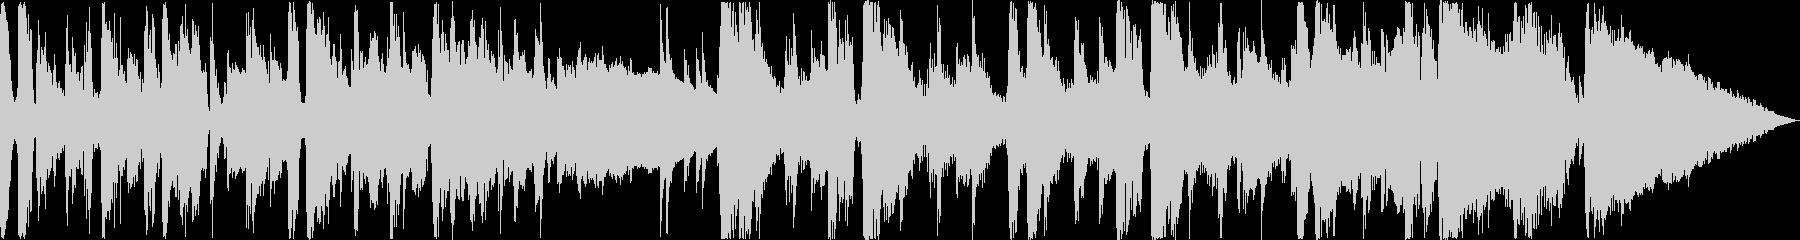 クールでリズミカルなジャズファンクの未再生の波形